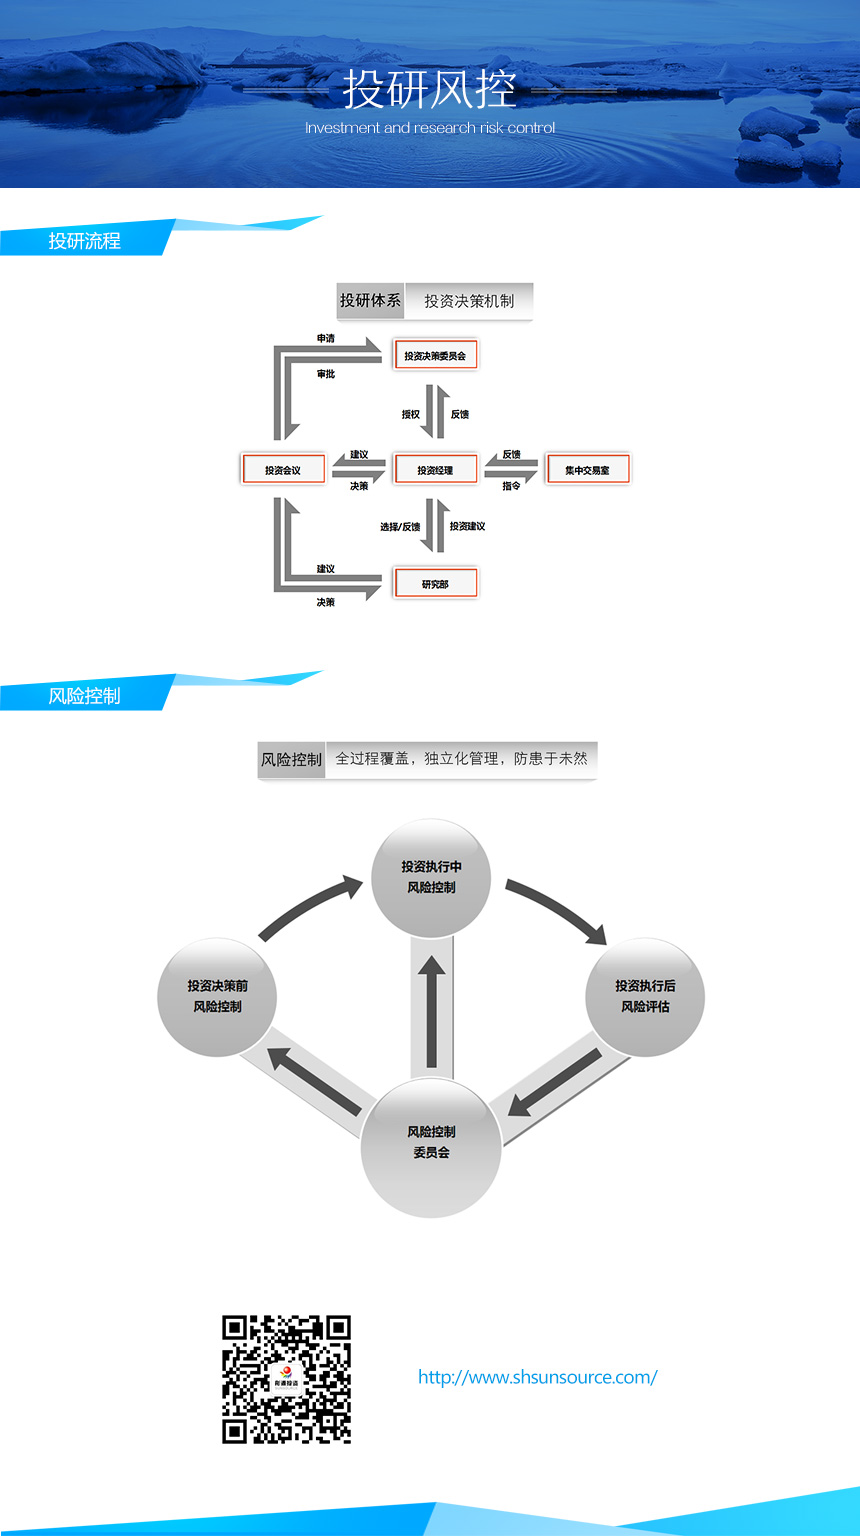 投研风控-网页版2.jpg